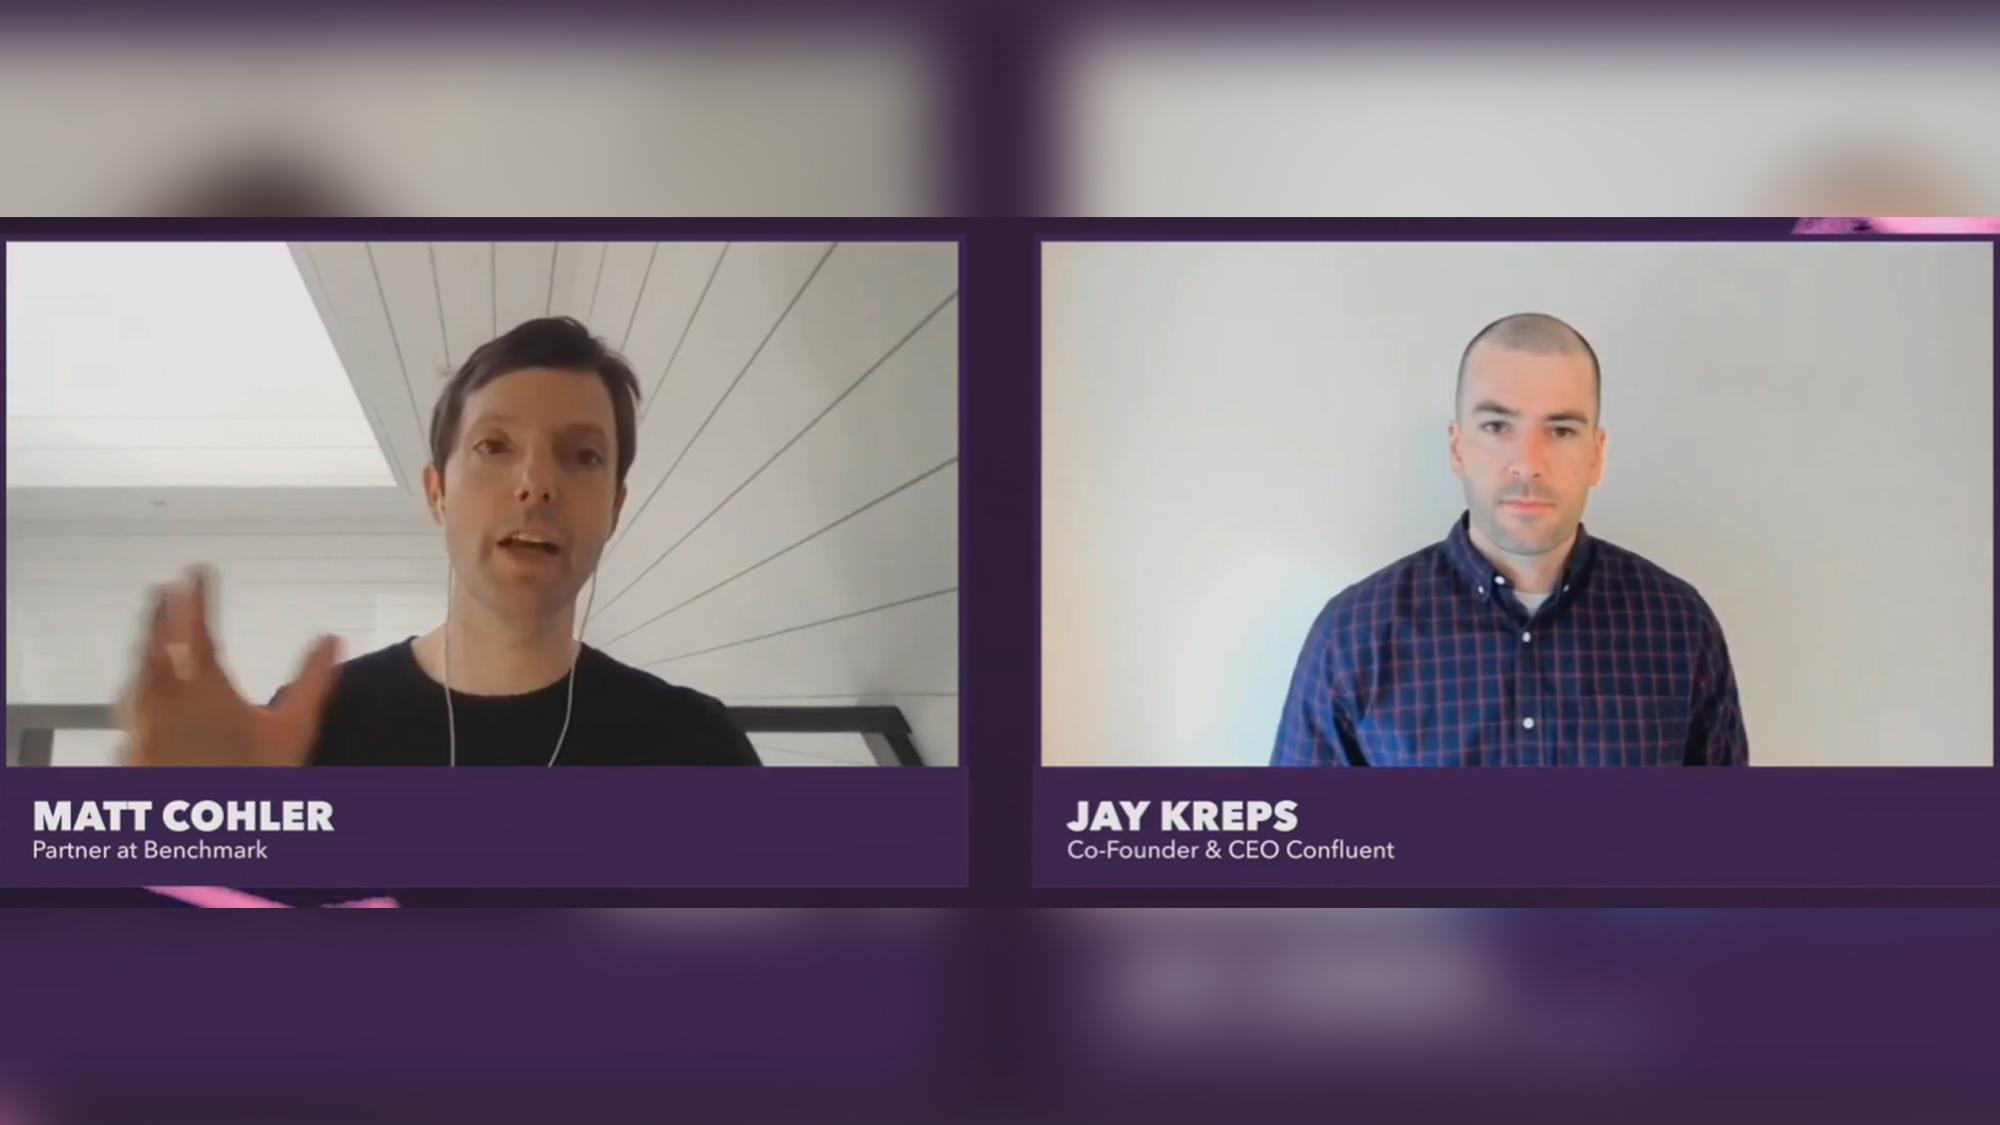 Jay Kreps & Matt Cohler